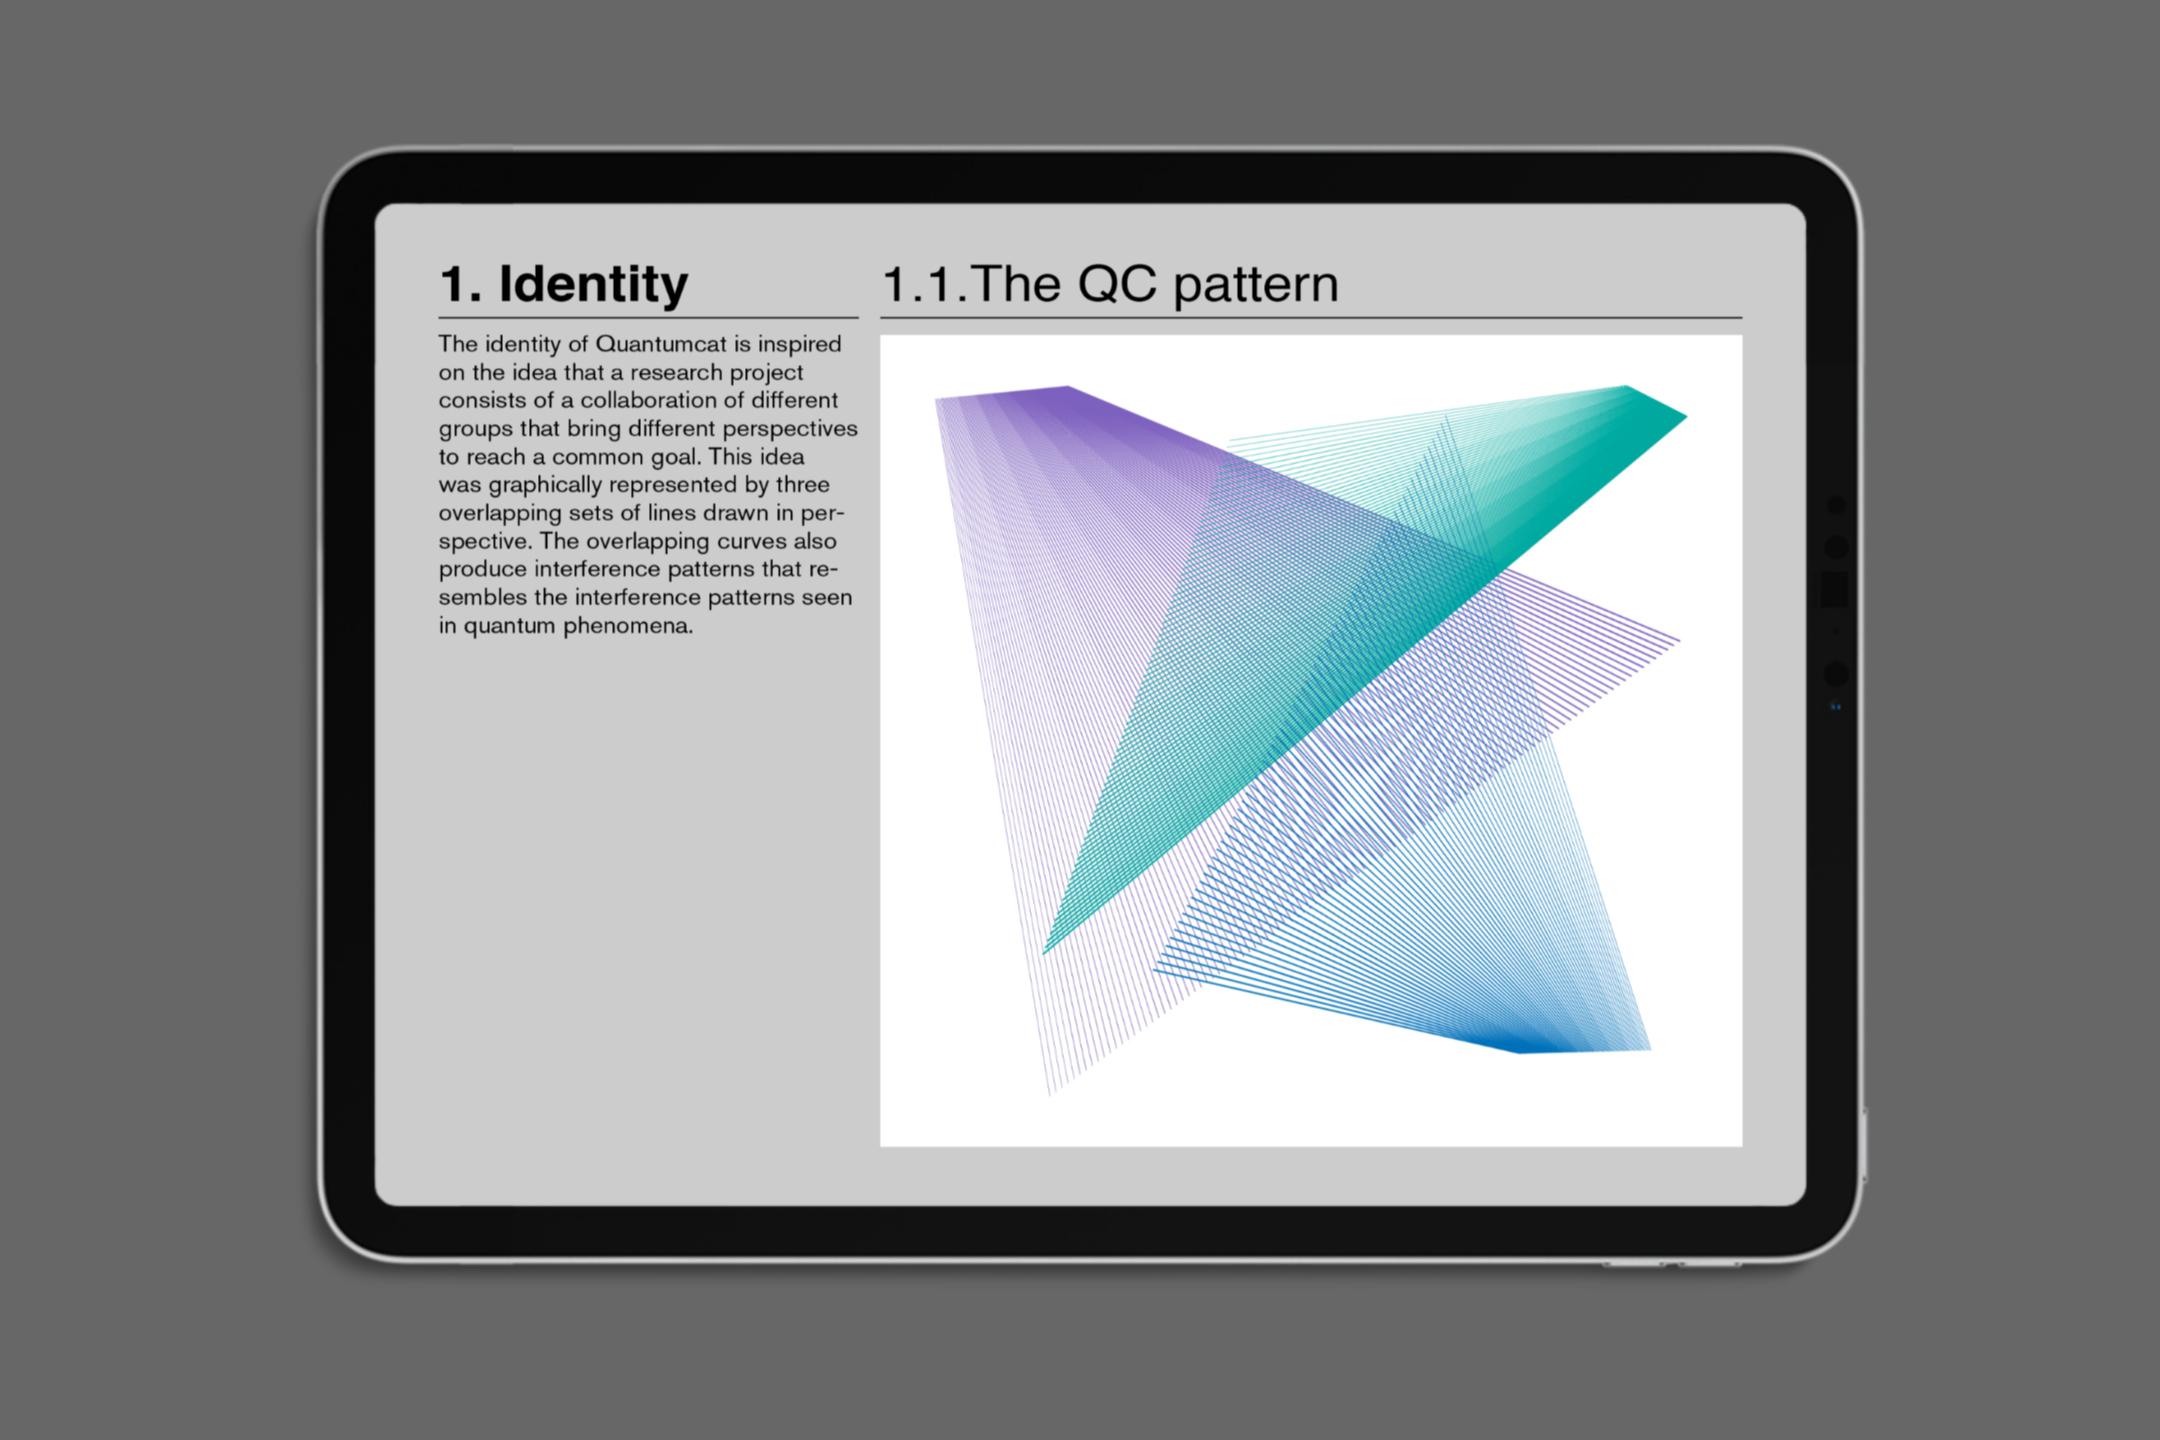 Quantumcat-identity-guide-2-Daniel-Cavalcanti